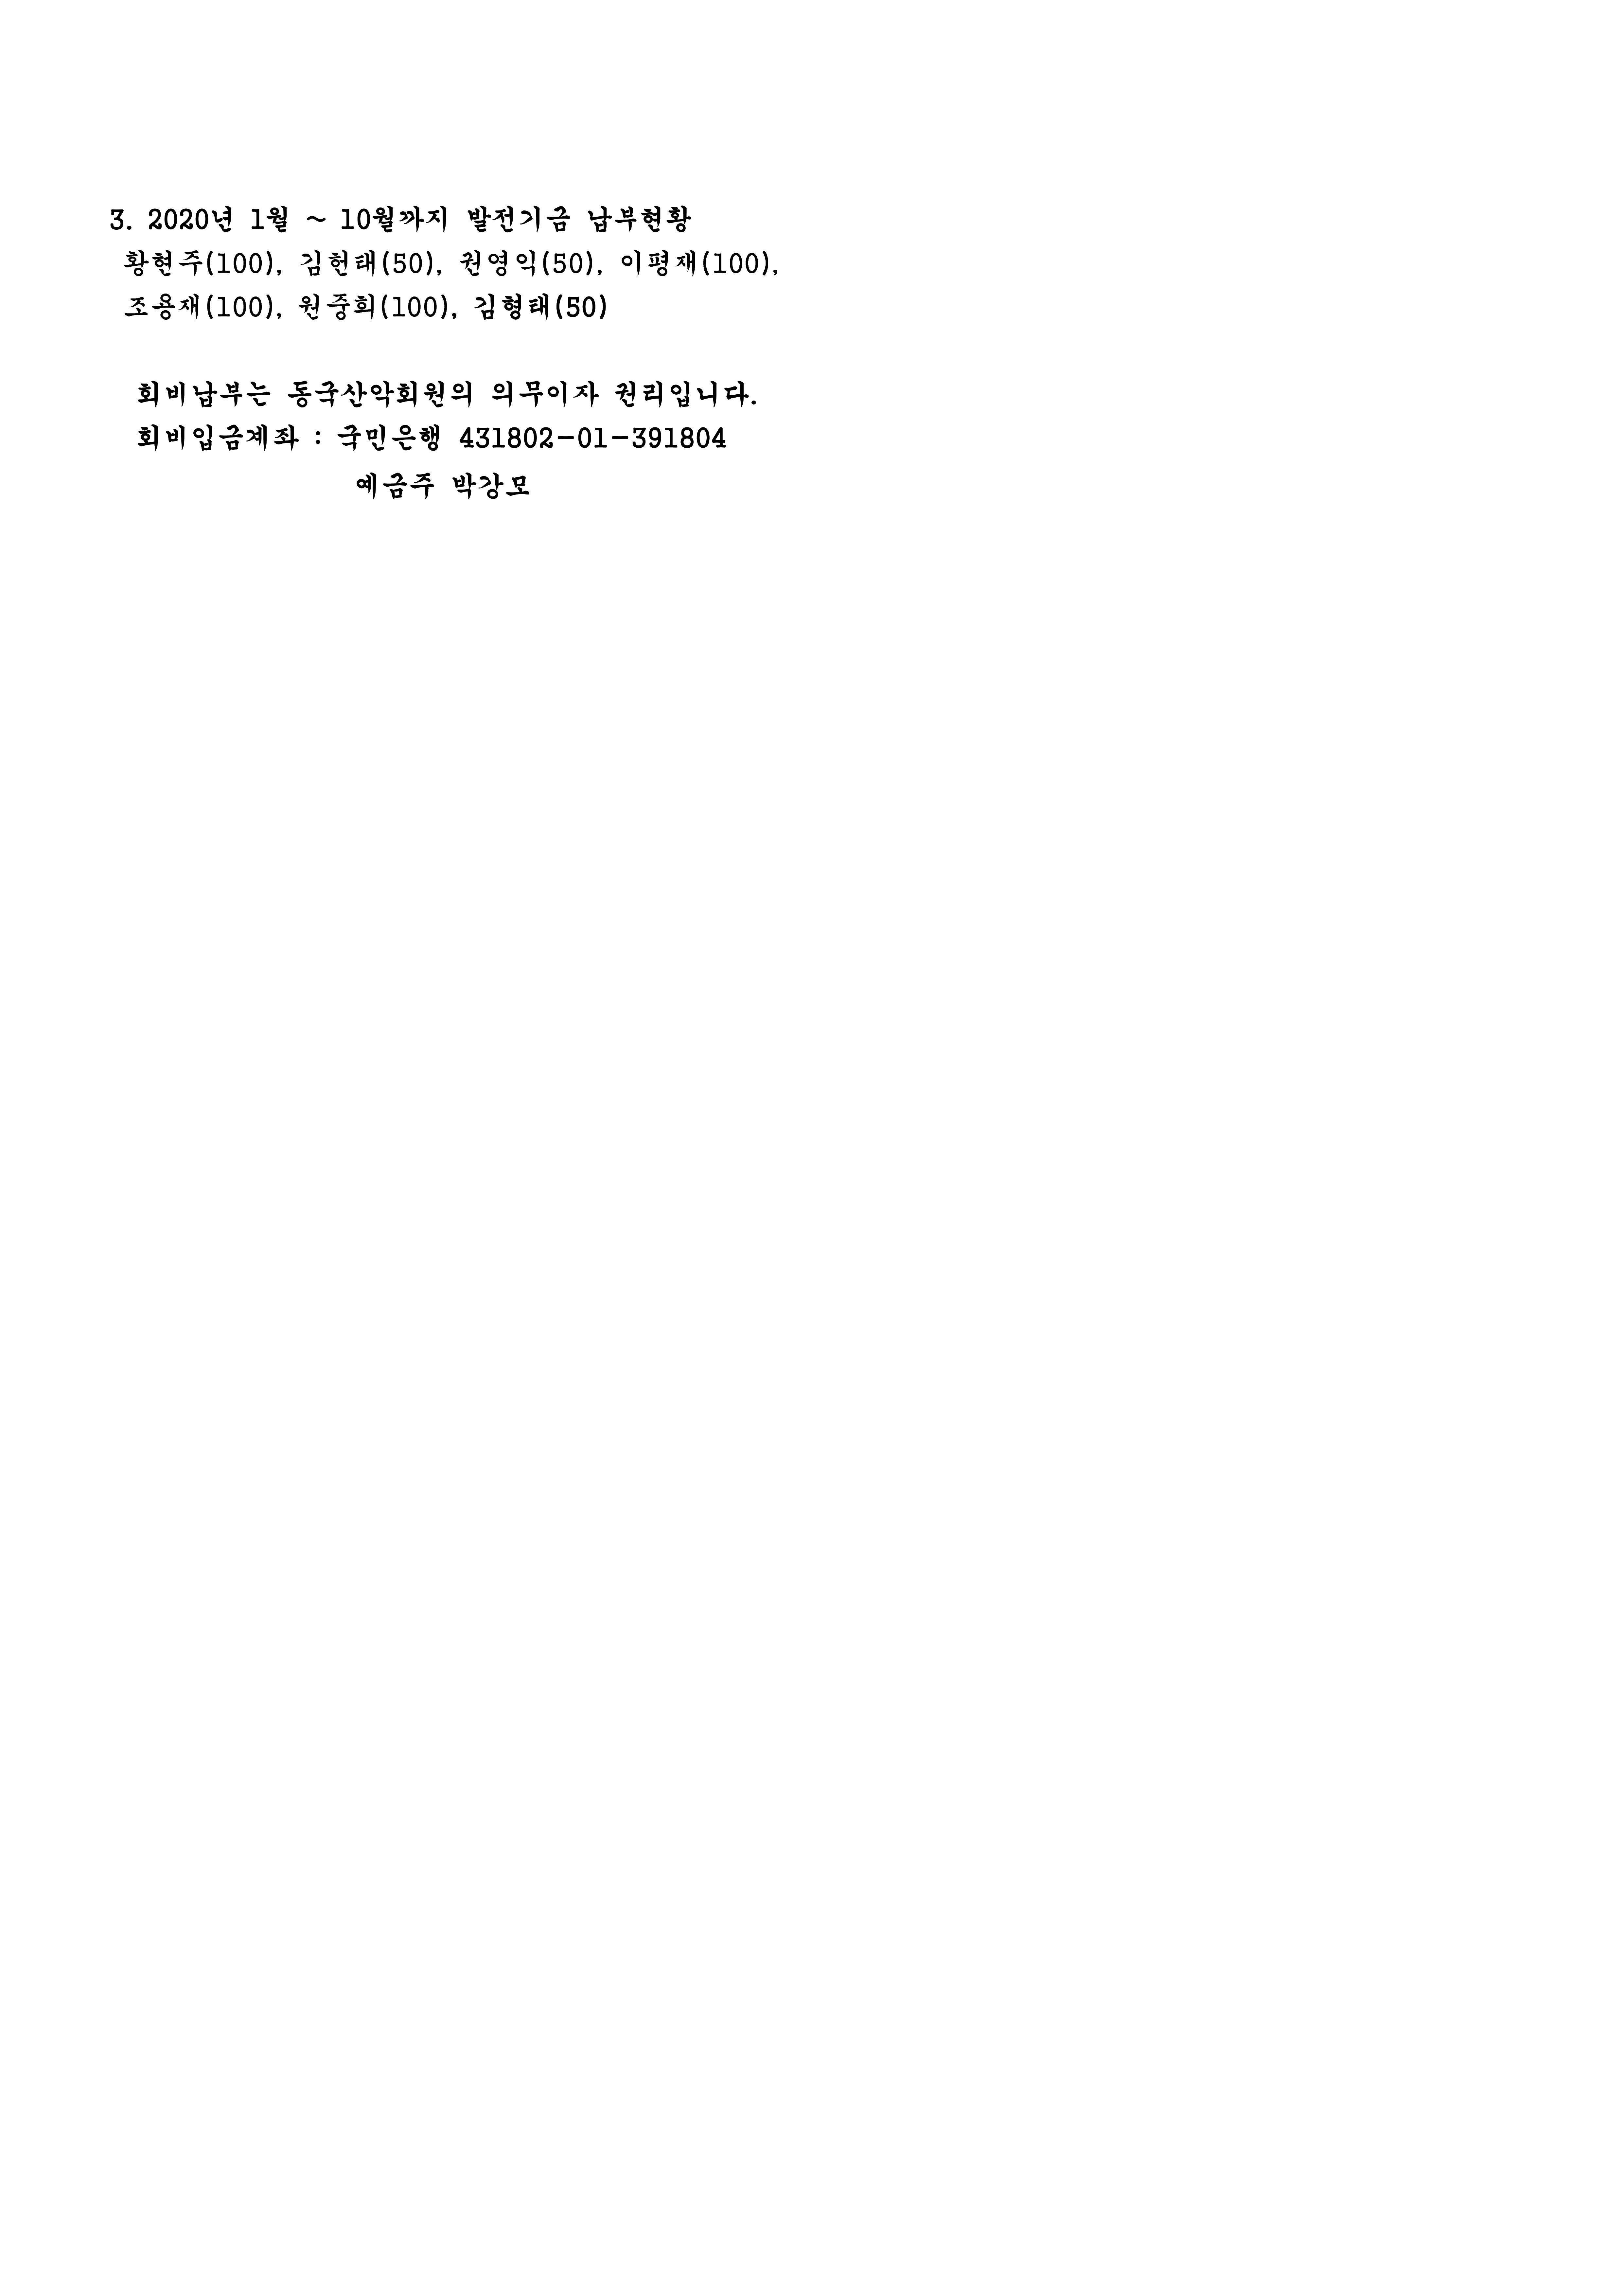 동악공문_2020년_11월_3.jpg